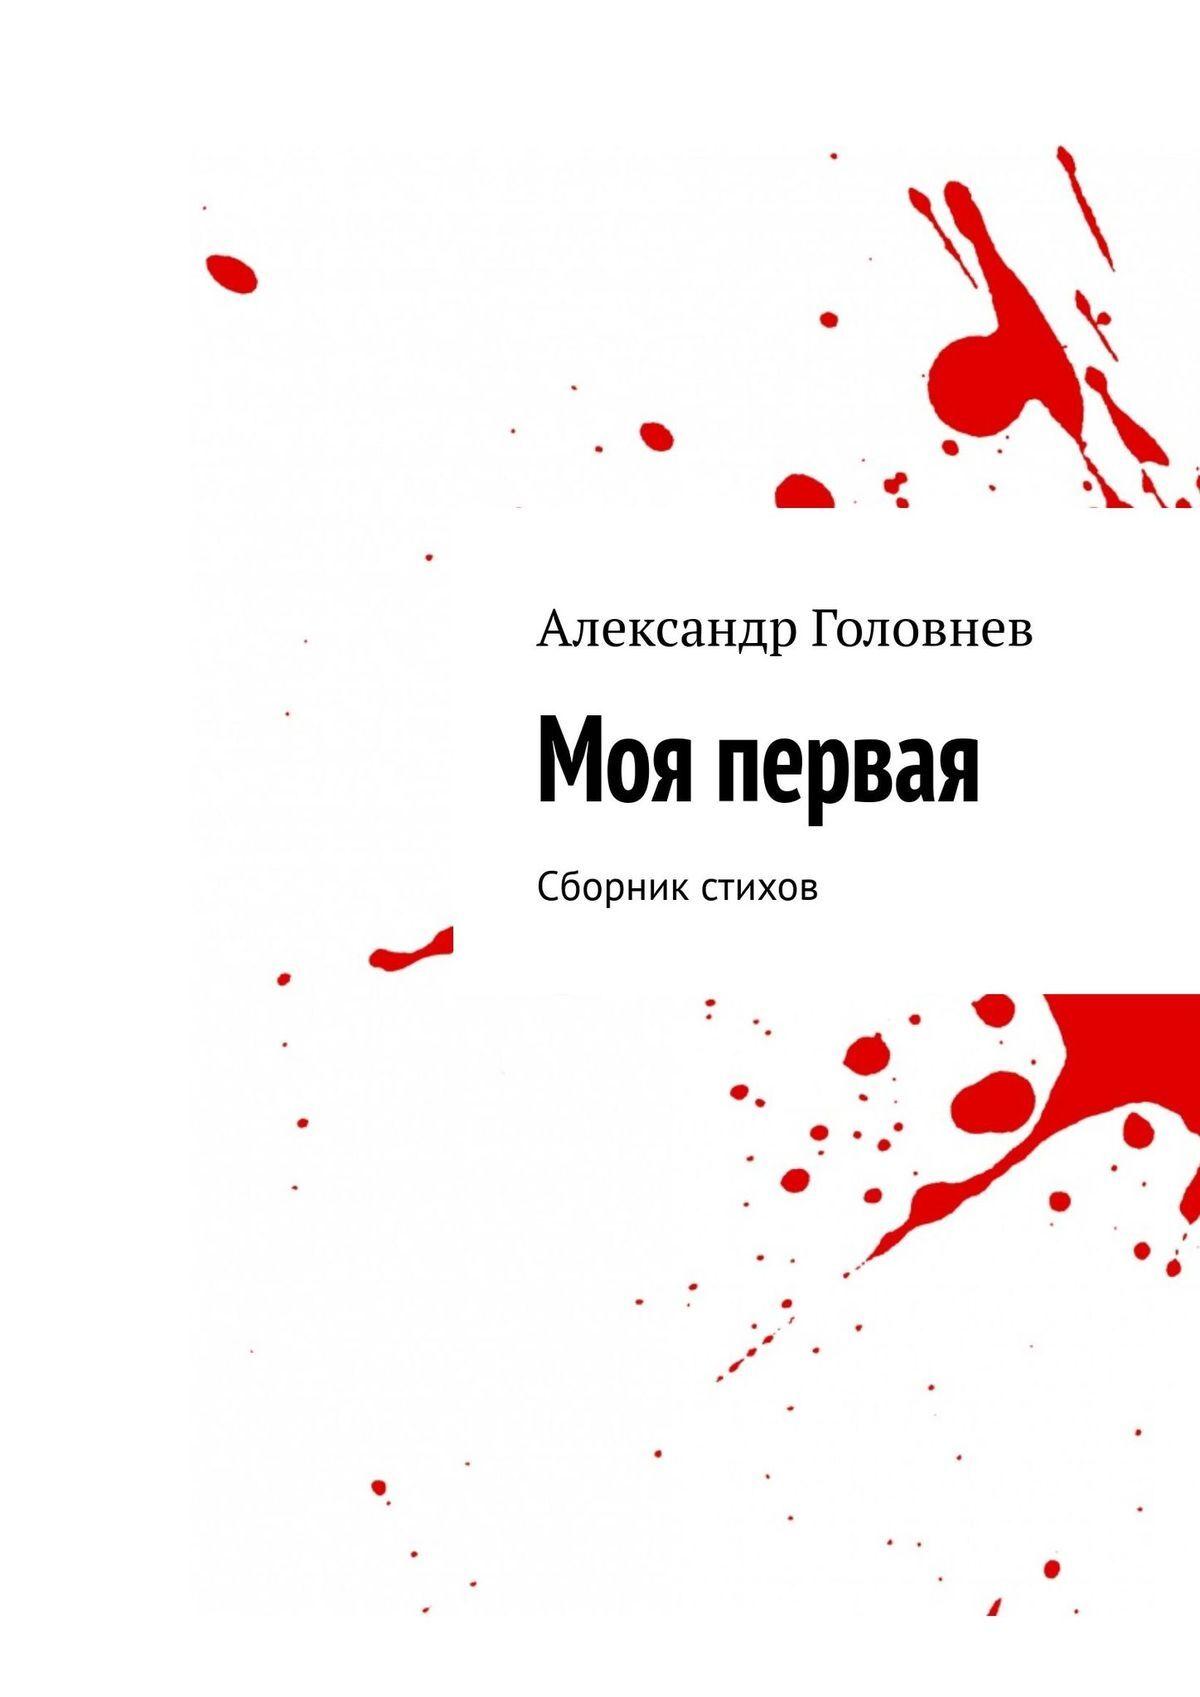 Александр Головнев Моя первая. Сборник стихов